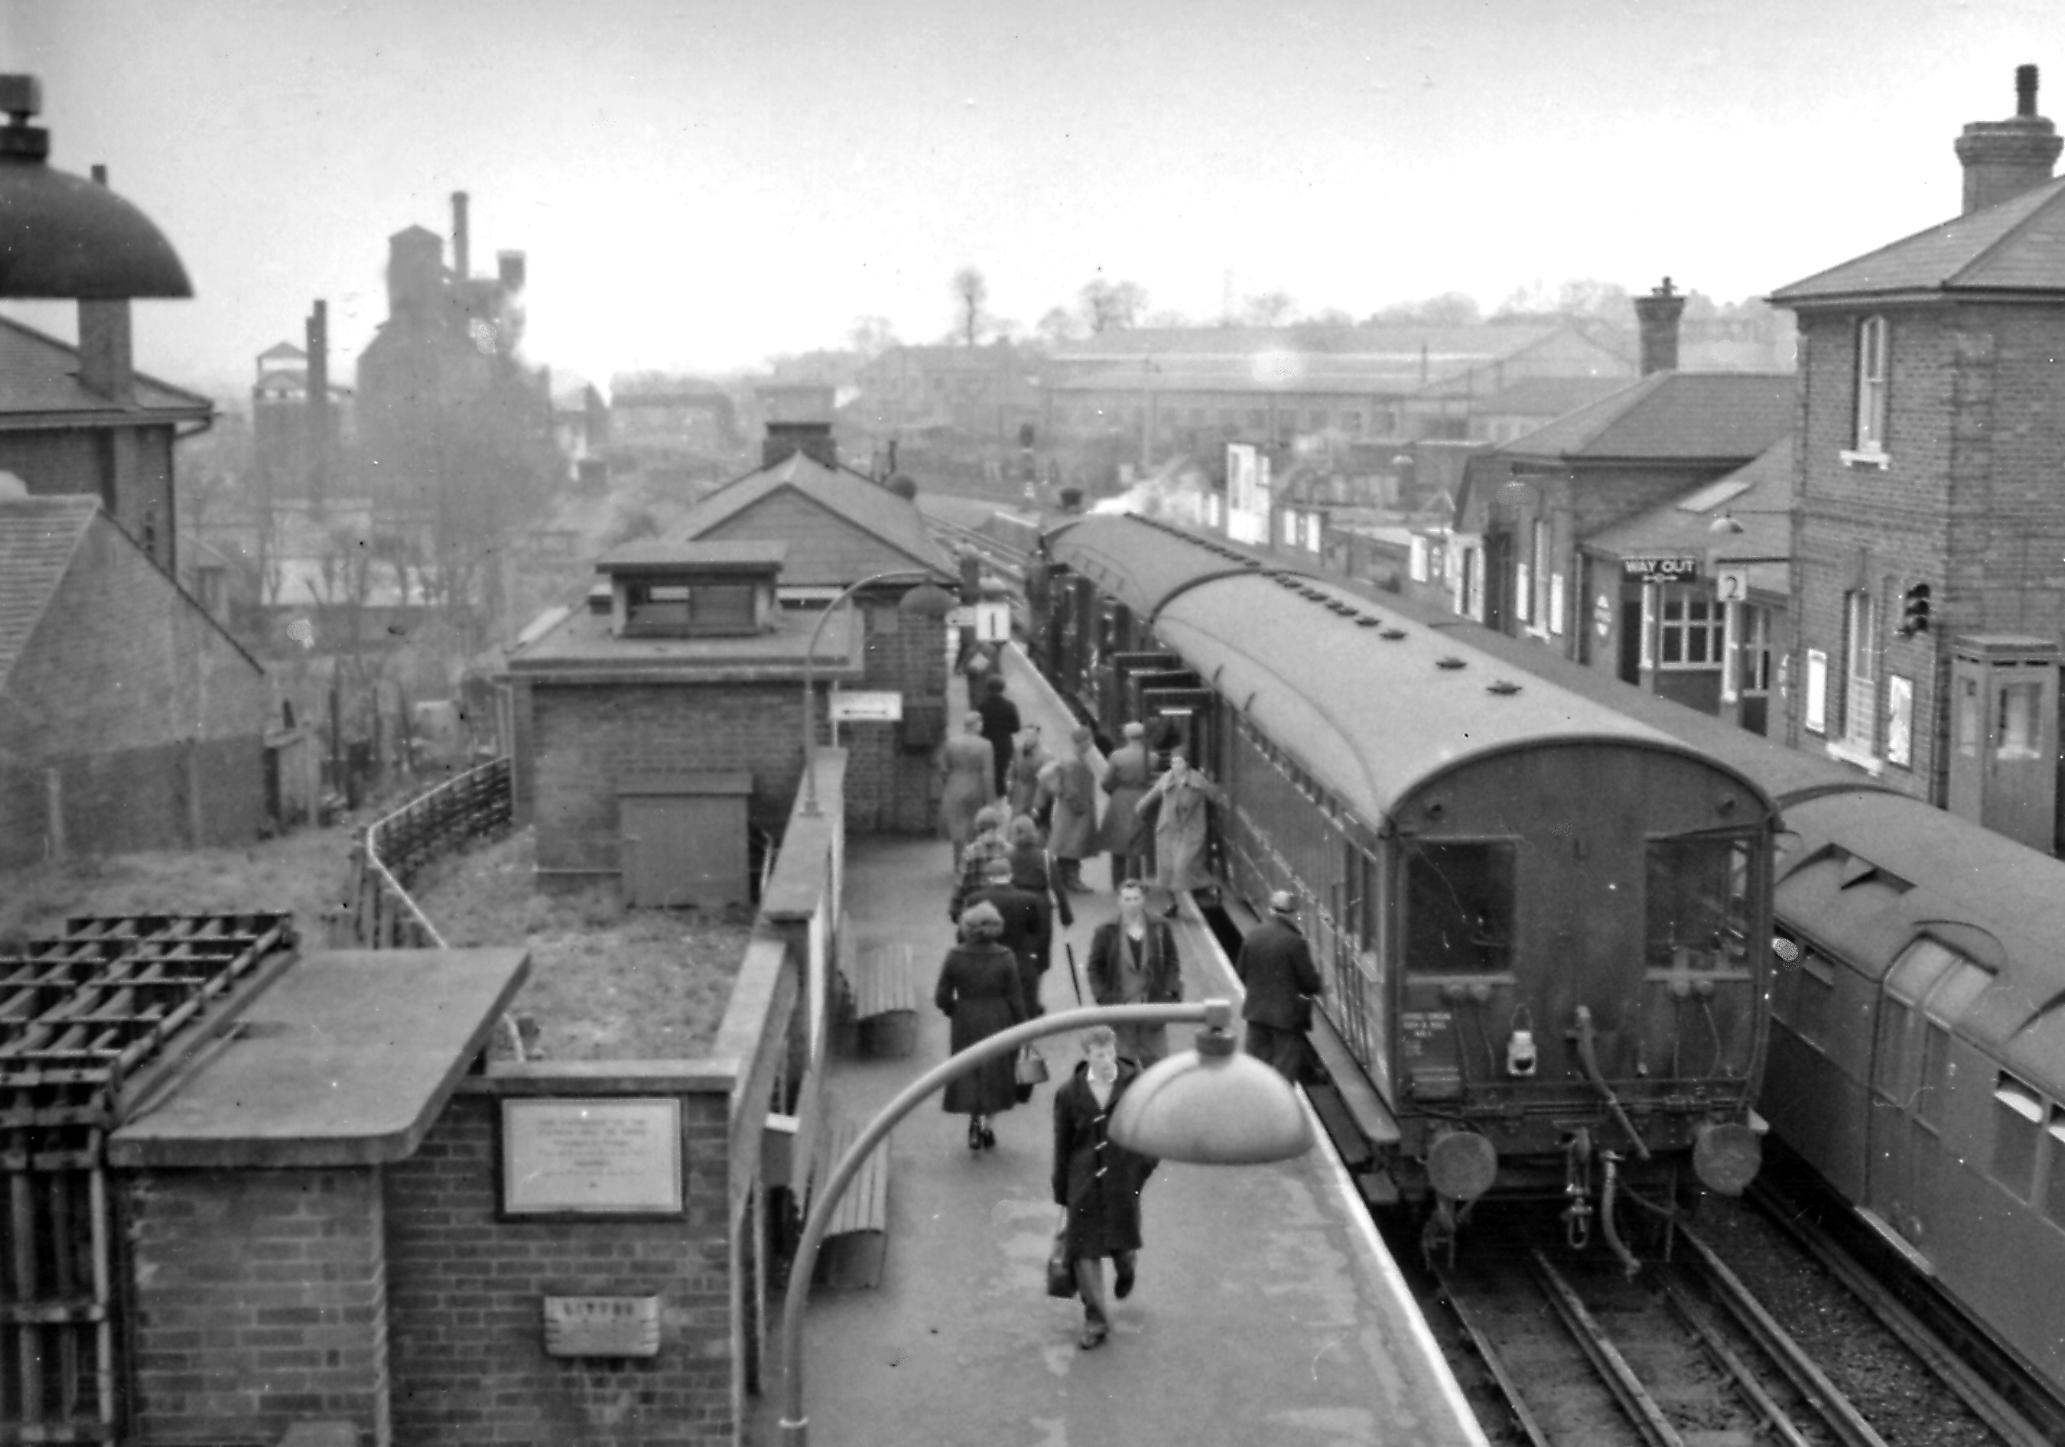 Station Yard Car Park Twickenham